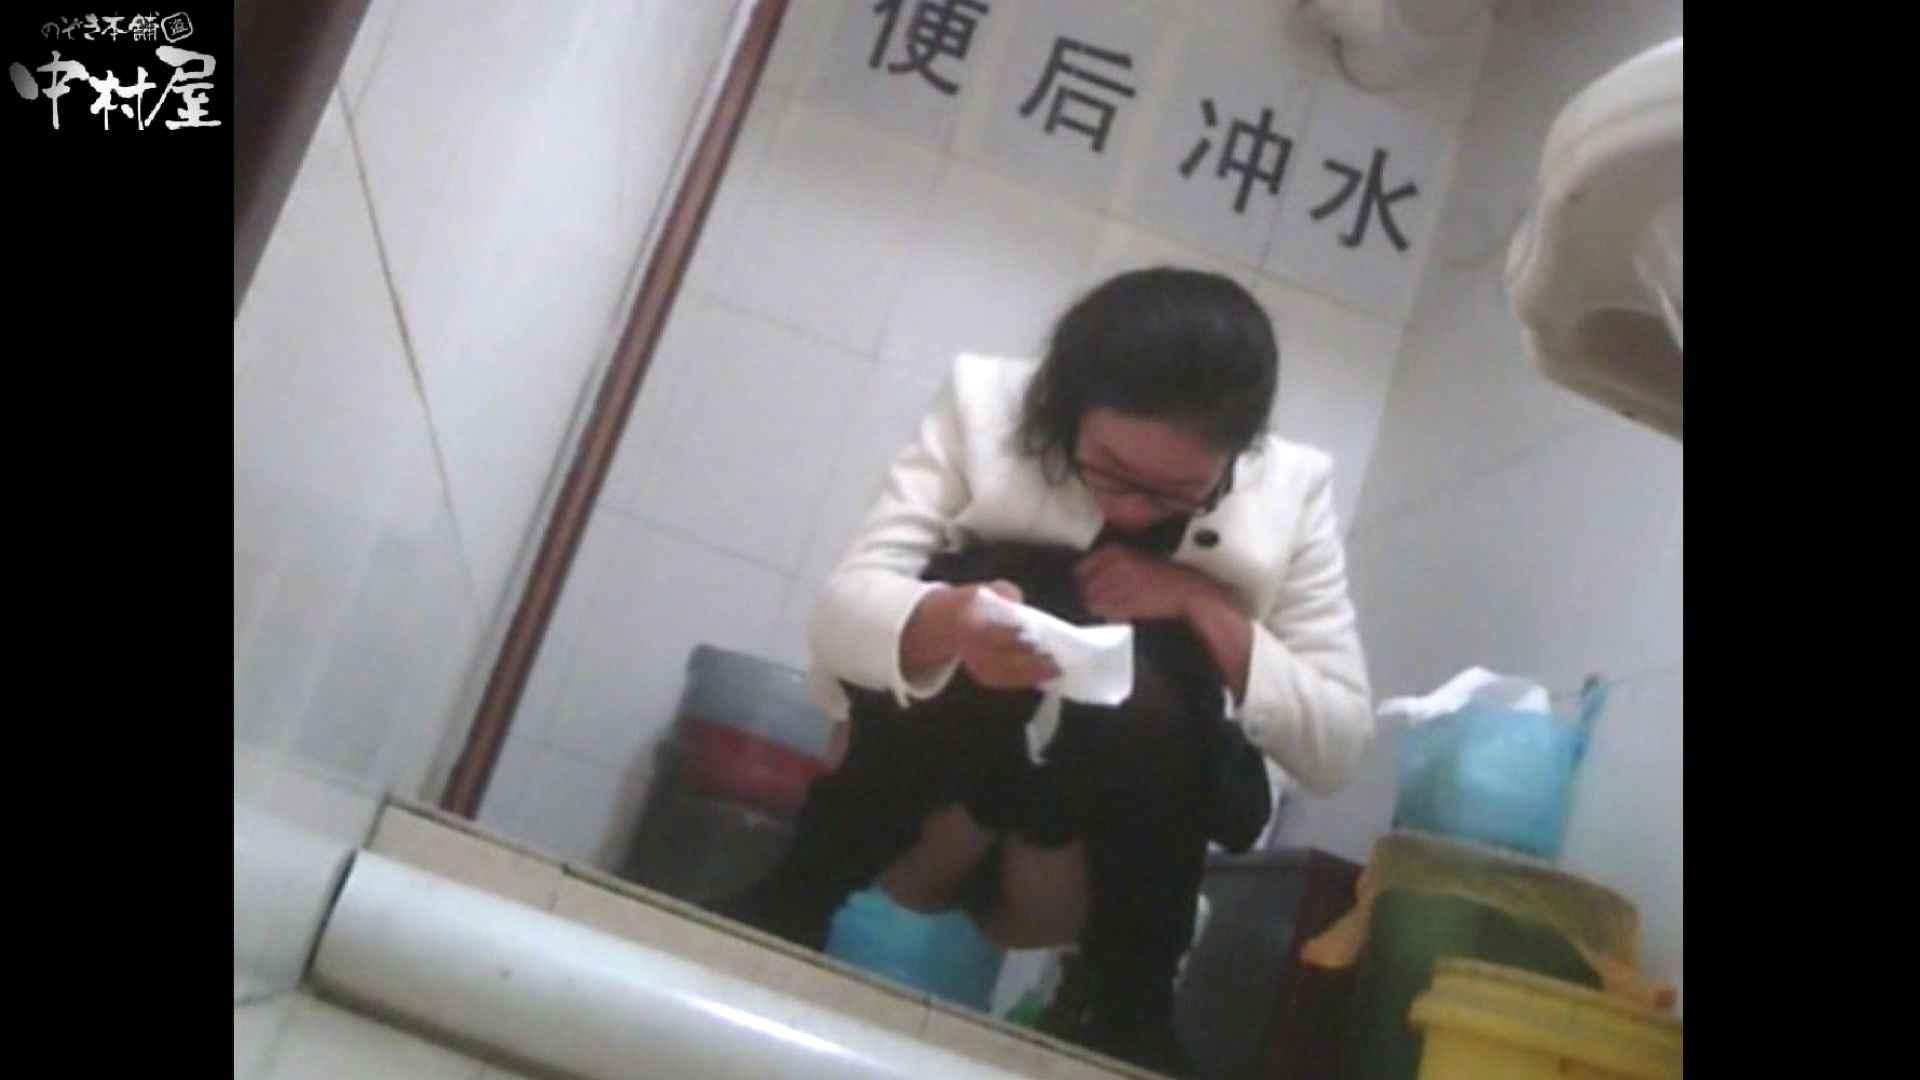 李さんの盗撮日記 Vol.15 盗撮動画 オメコ動画キャプチャ 11枚 2